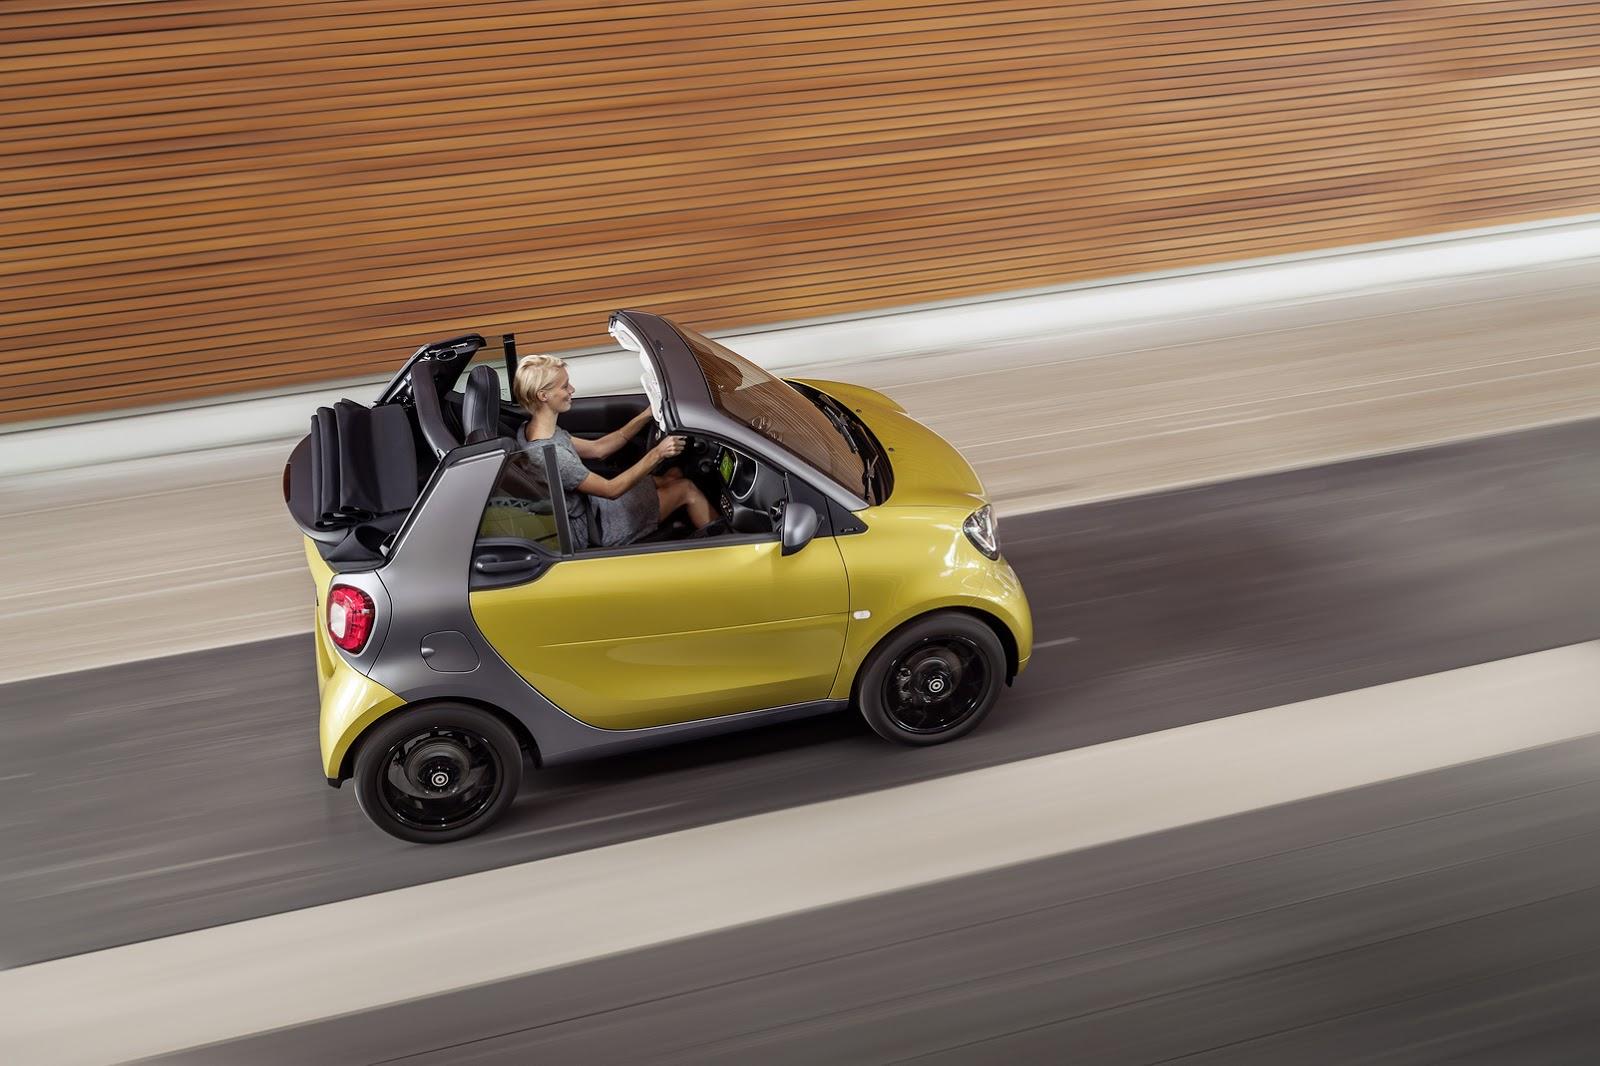 Nếu chọn hộp số tự động ly hợp kép 6 cấp cho Smart ForTwo Cabriolet Passion, khách hàng Mỹ sẽ mất số tiền 19.890 USD, tương đương 446 triệu Đồng. Cả hai giá bán này đều chưa bao gồm 750 USD chi phí vận chuyển và giao xe.